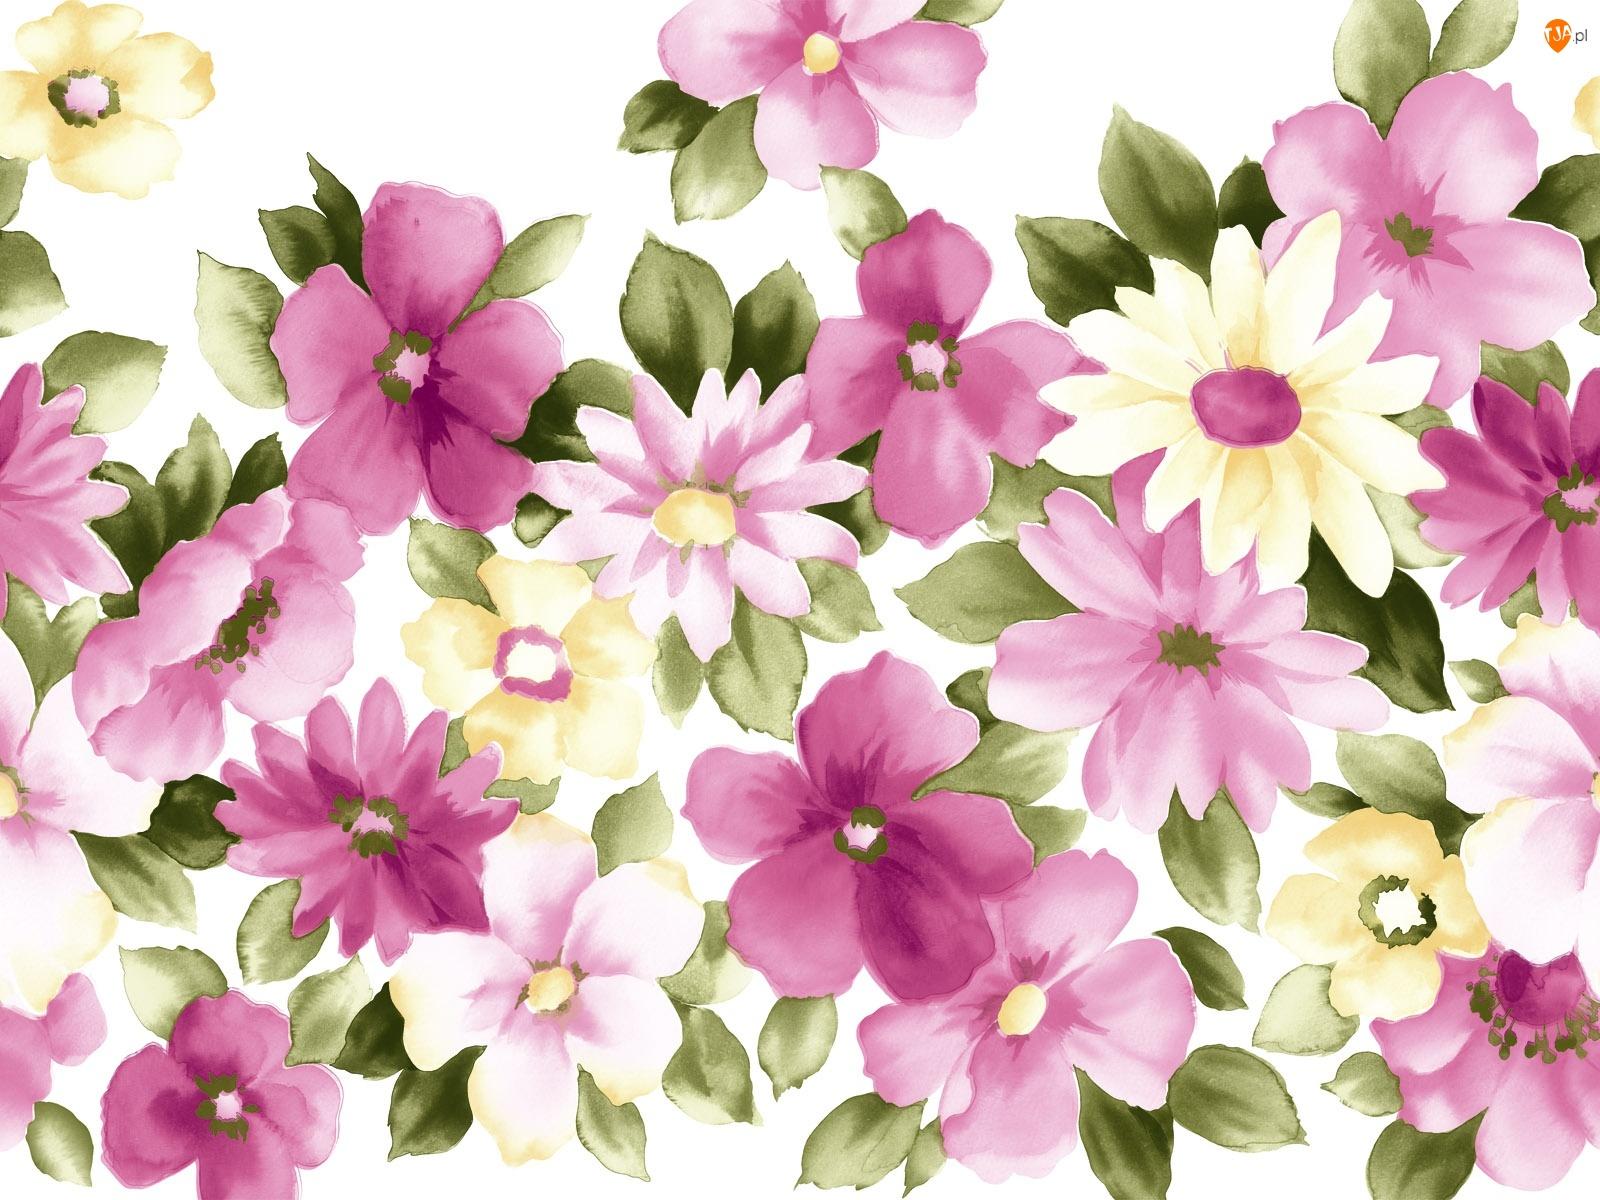 Malowane, Kwiatki, Różowe, Fioletowe, Żółte